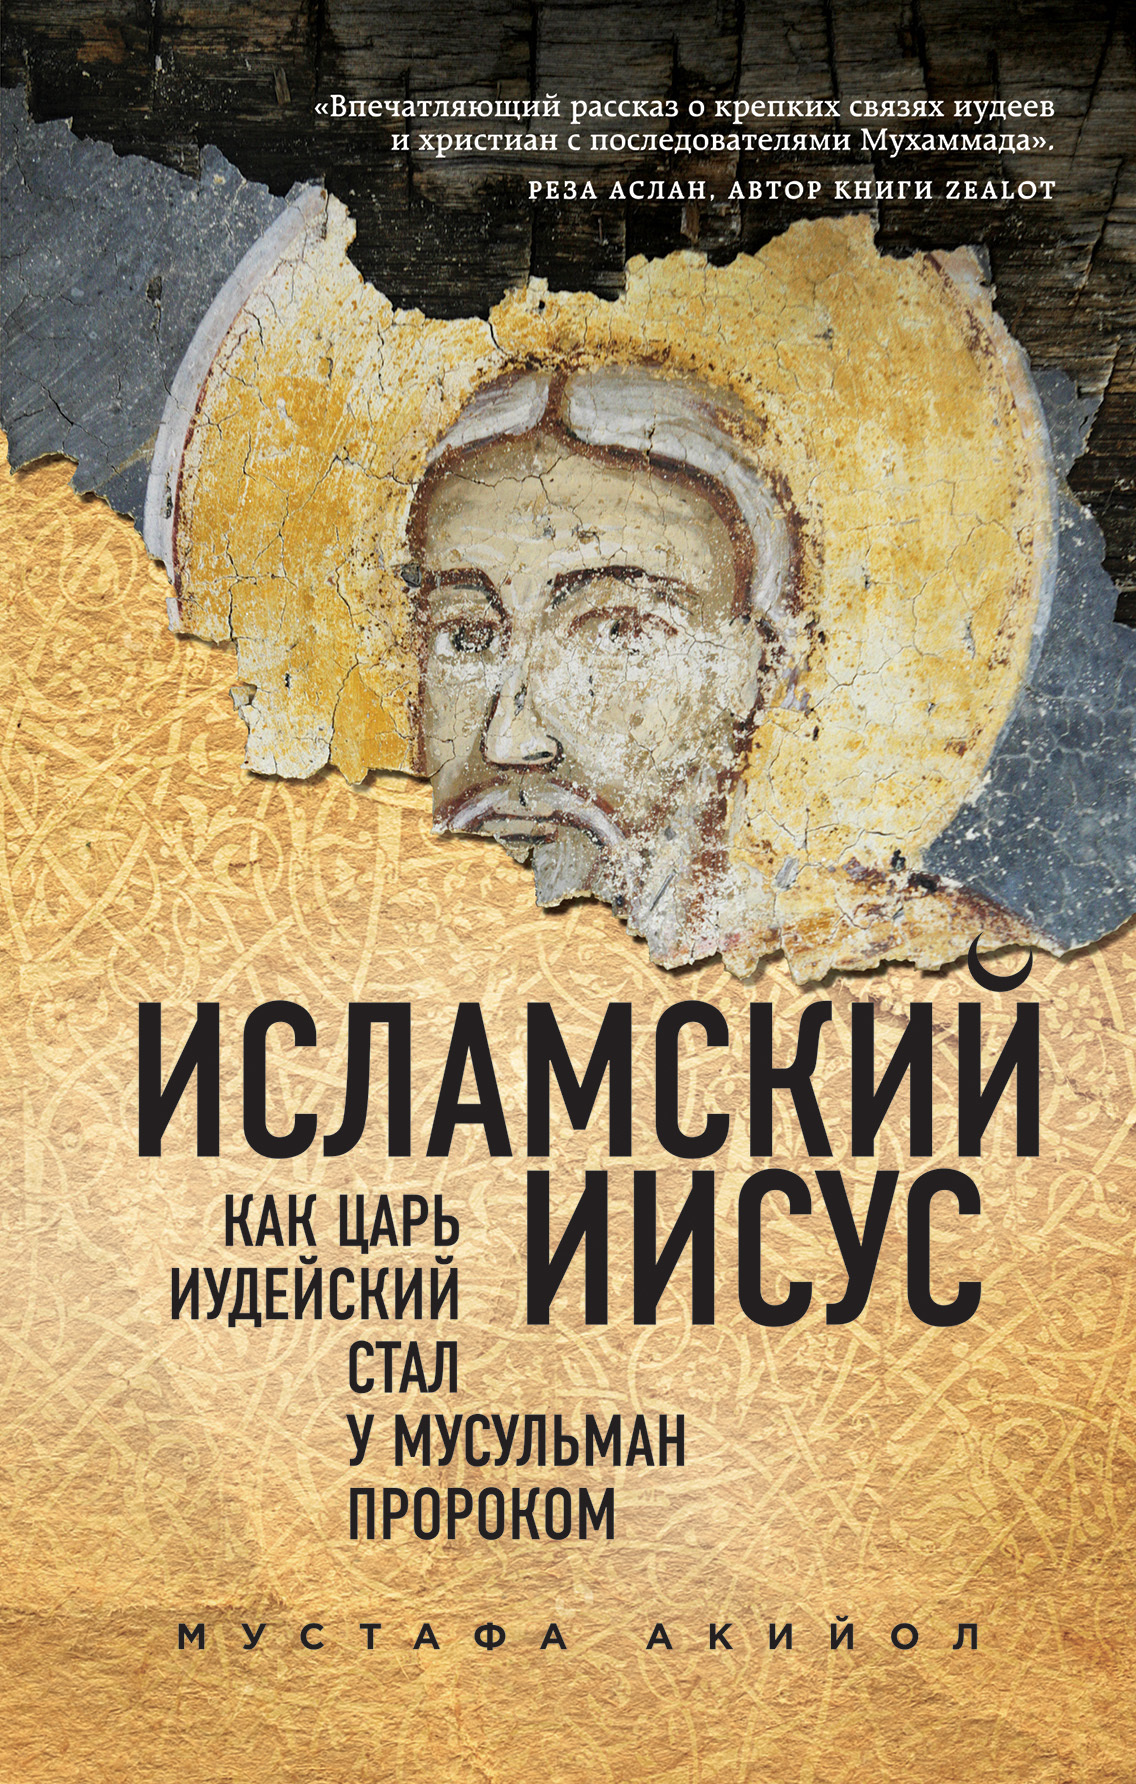 Мустафа Акийол - Исламский Иисус. Как Царь Иудейский стал у мусульман пророком